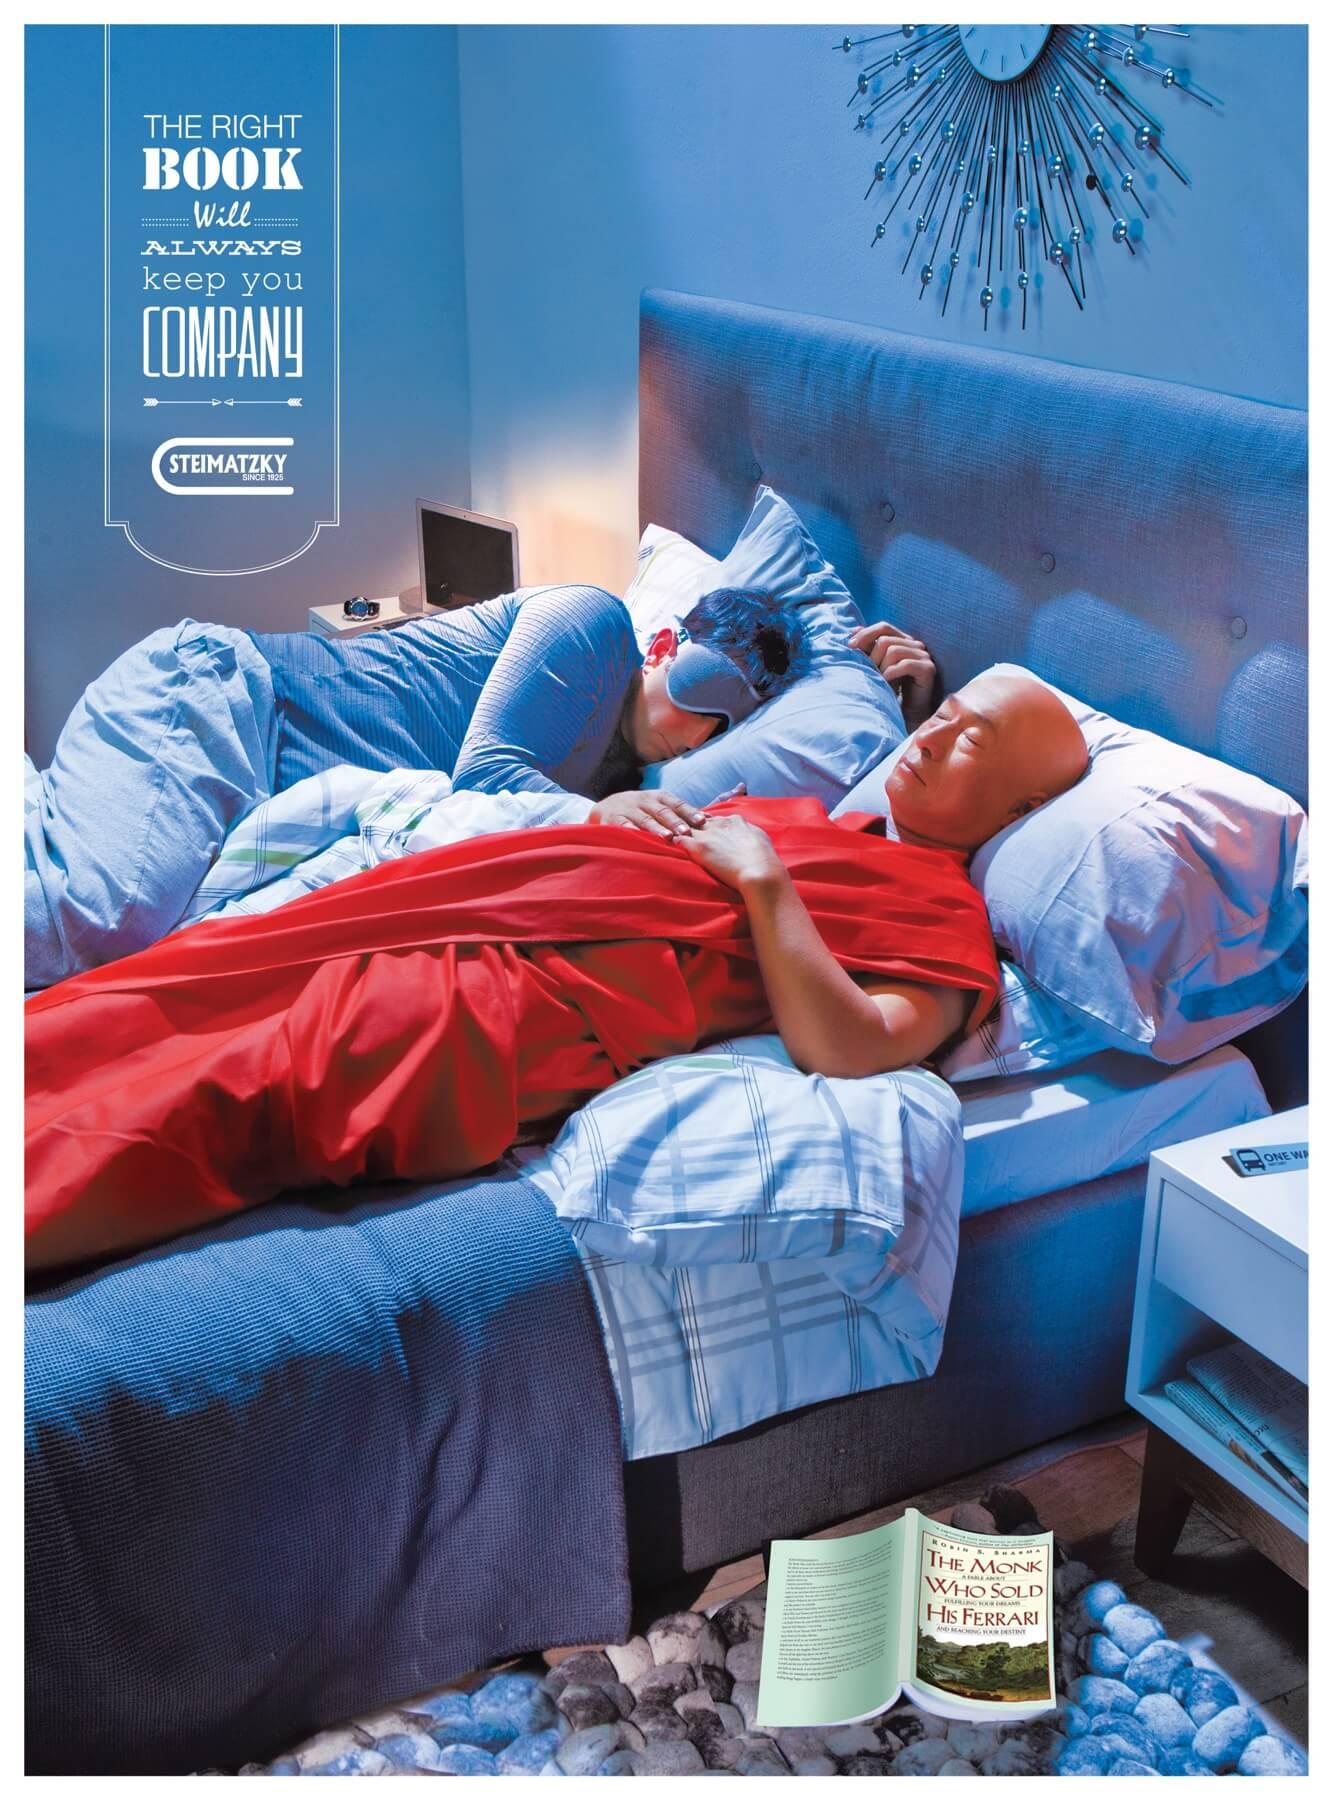 #CuandoLaPublicidad ¡Te ayuda a dormir tranquilo!